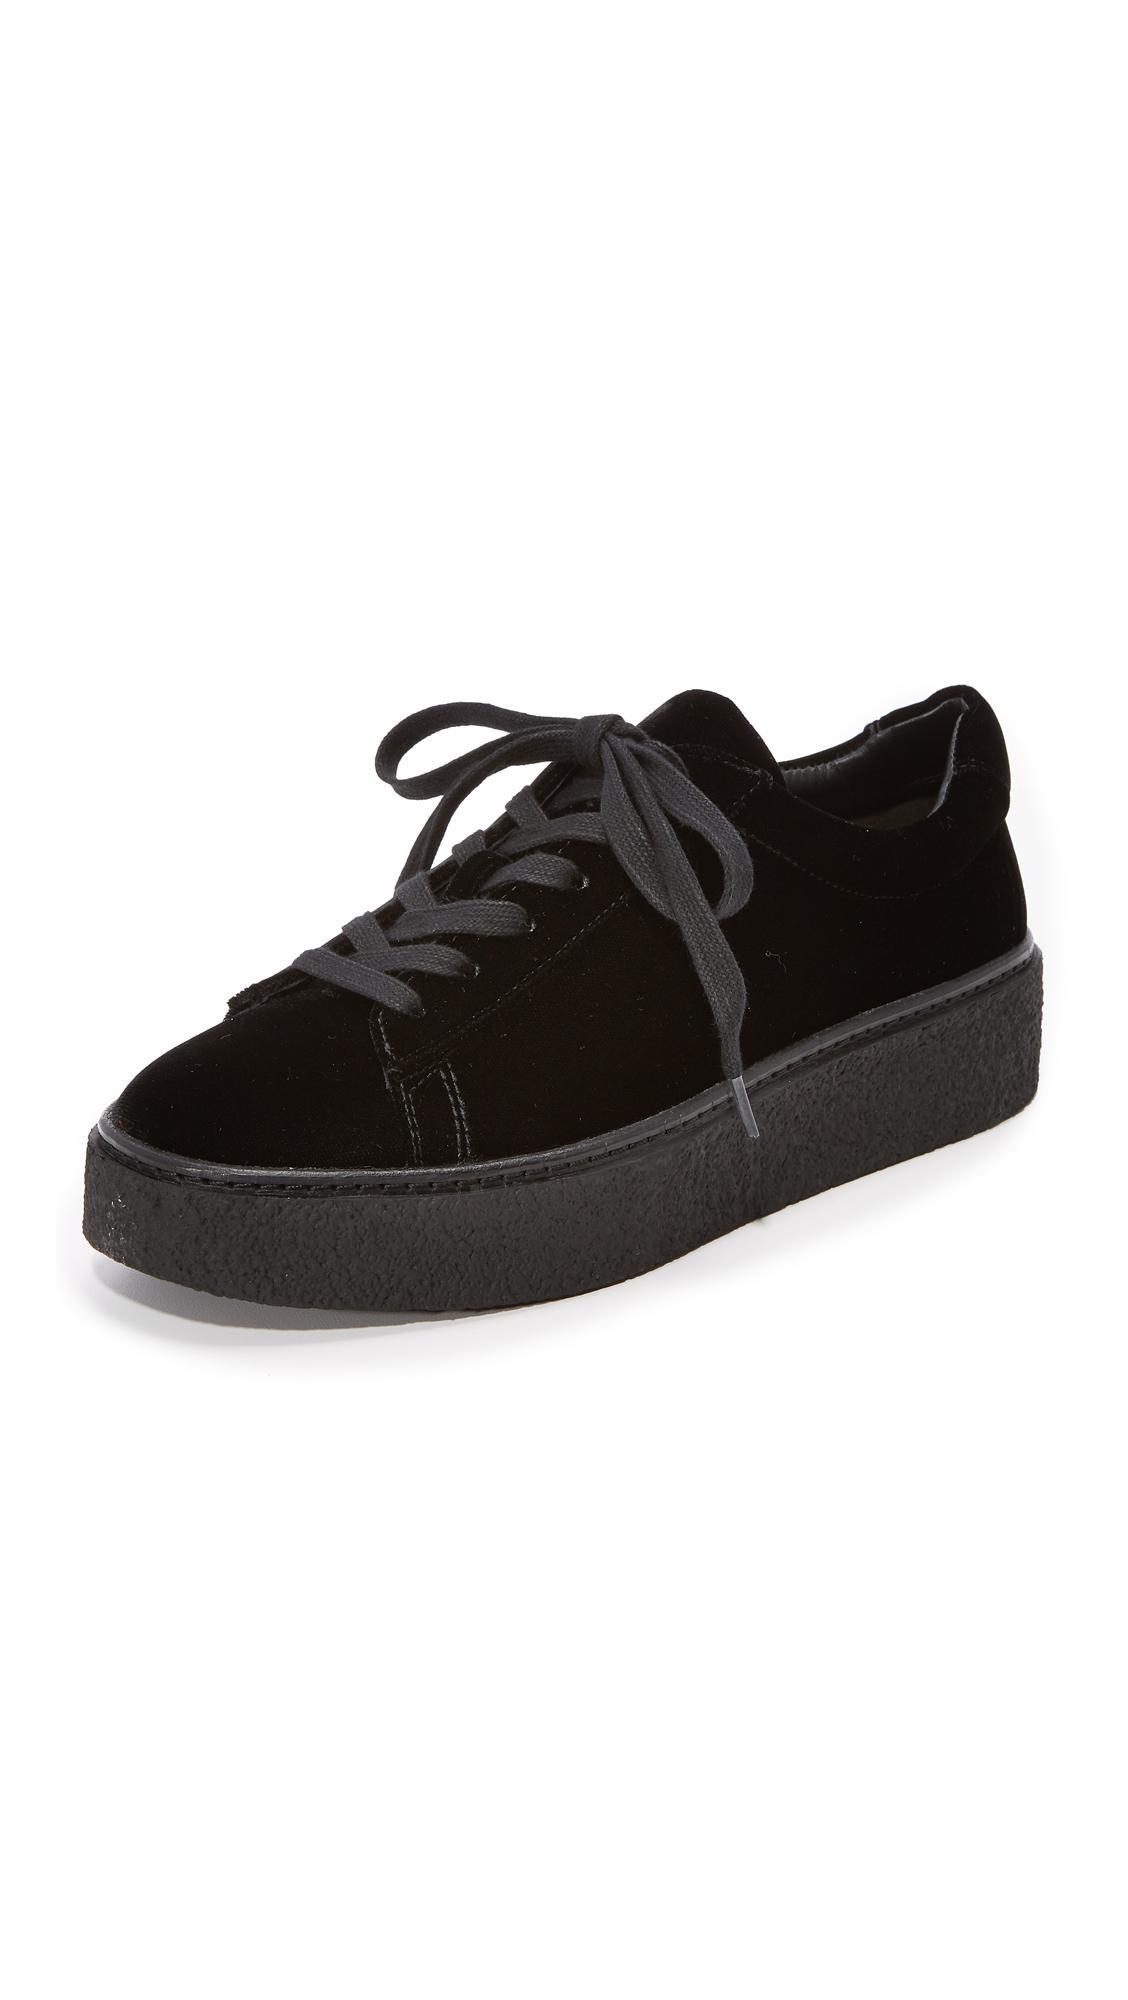 a0b05ce1a082 Lyst - Vince Neela Platform Sneakers in Black